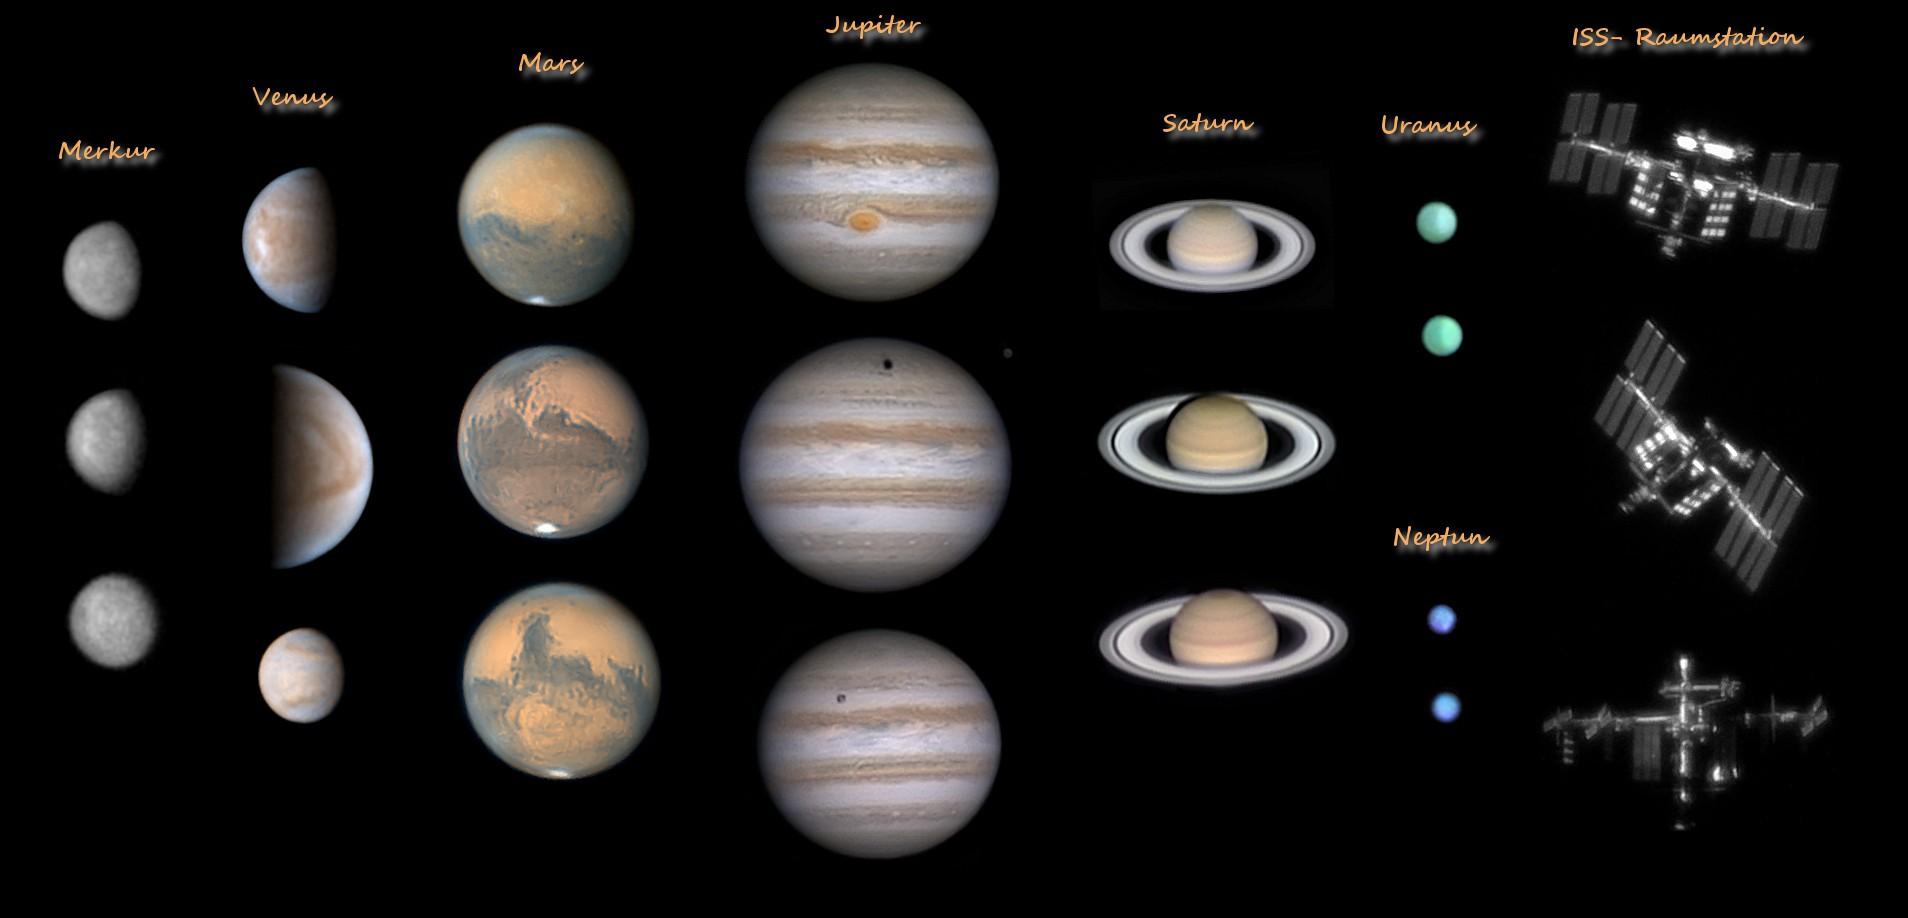 uebersicht-planeten-t1c.jpg